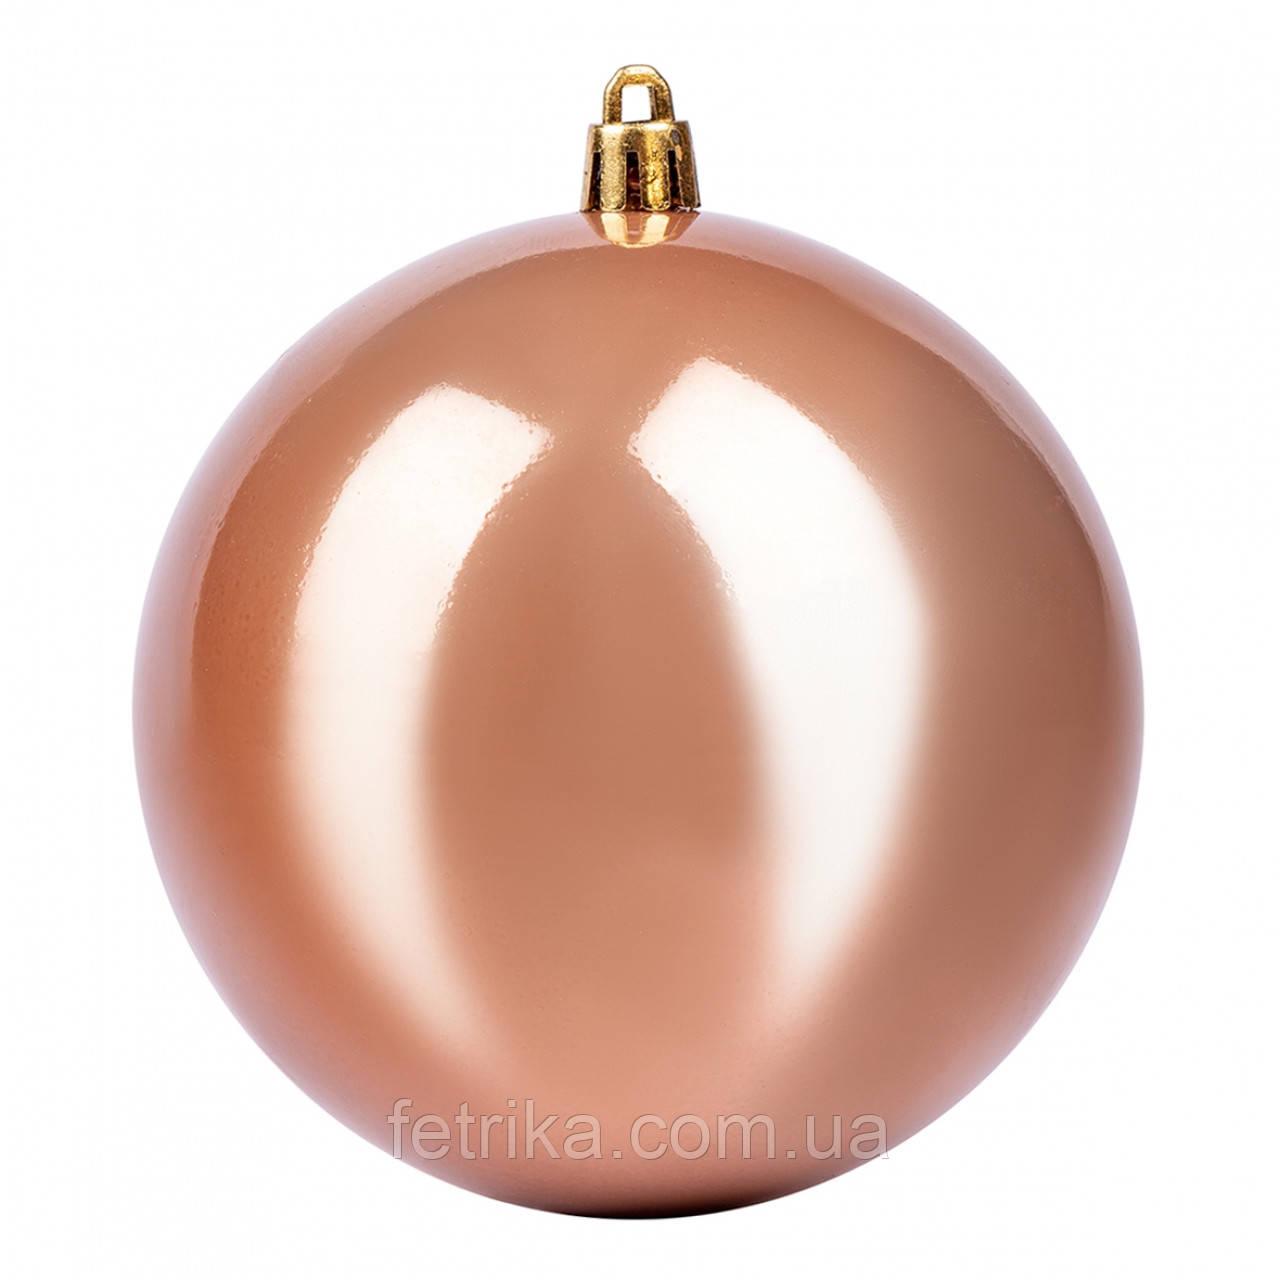 Шар елочный темно-золотой перламутровый Ø 10 см